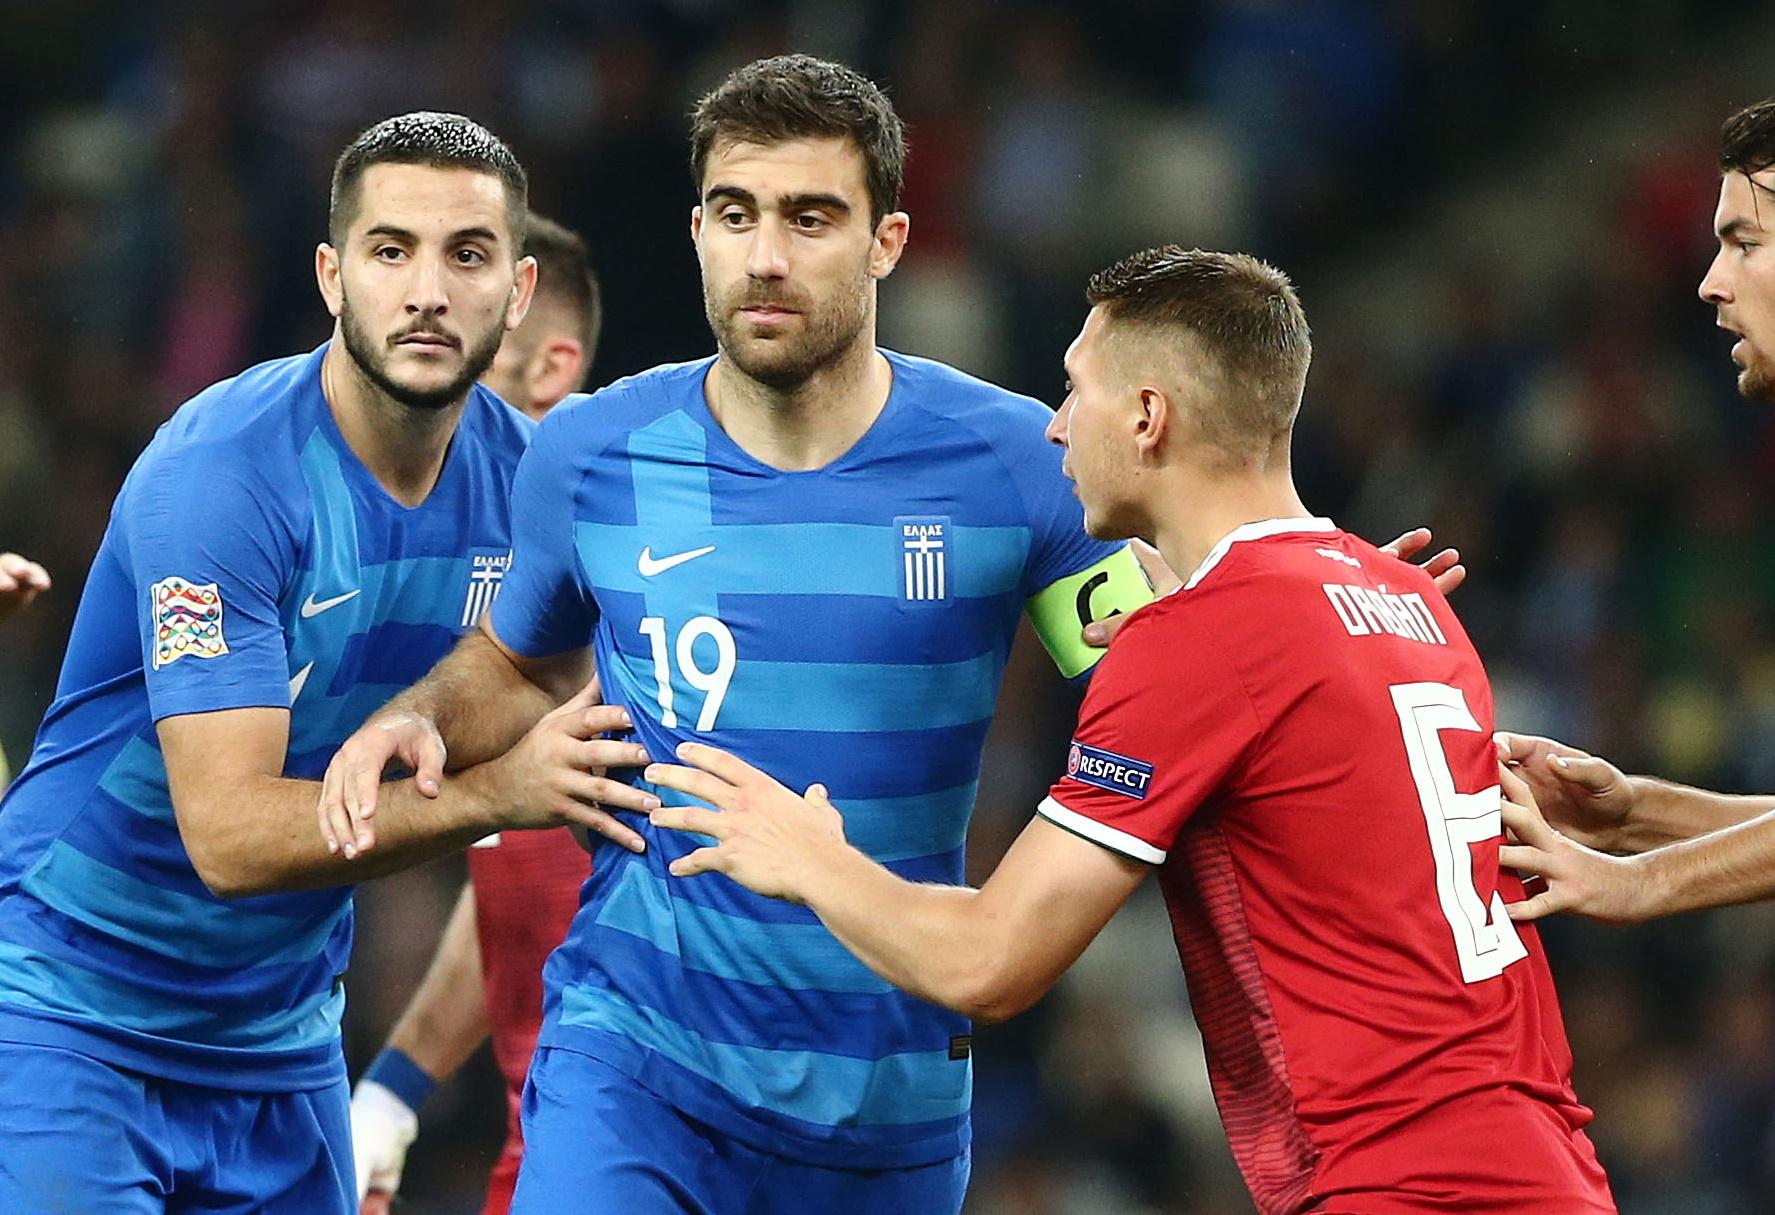 Αυτοί είναι οι πιο ακριβοί Έλληνες ποδοσφαιριστές